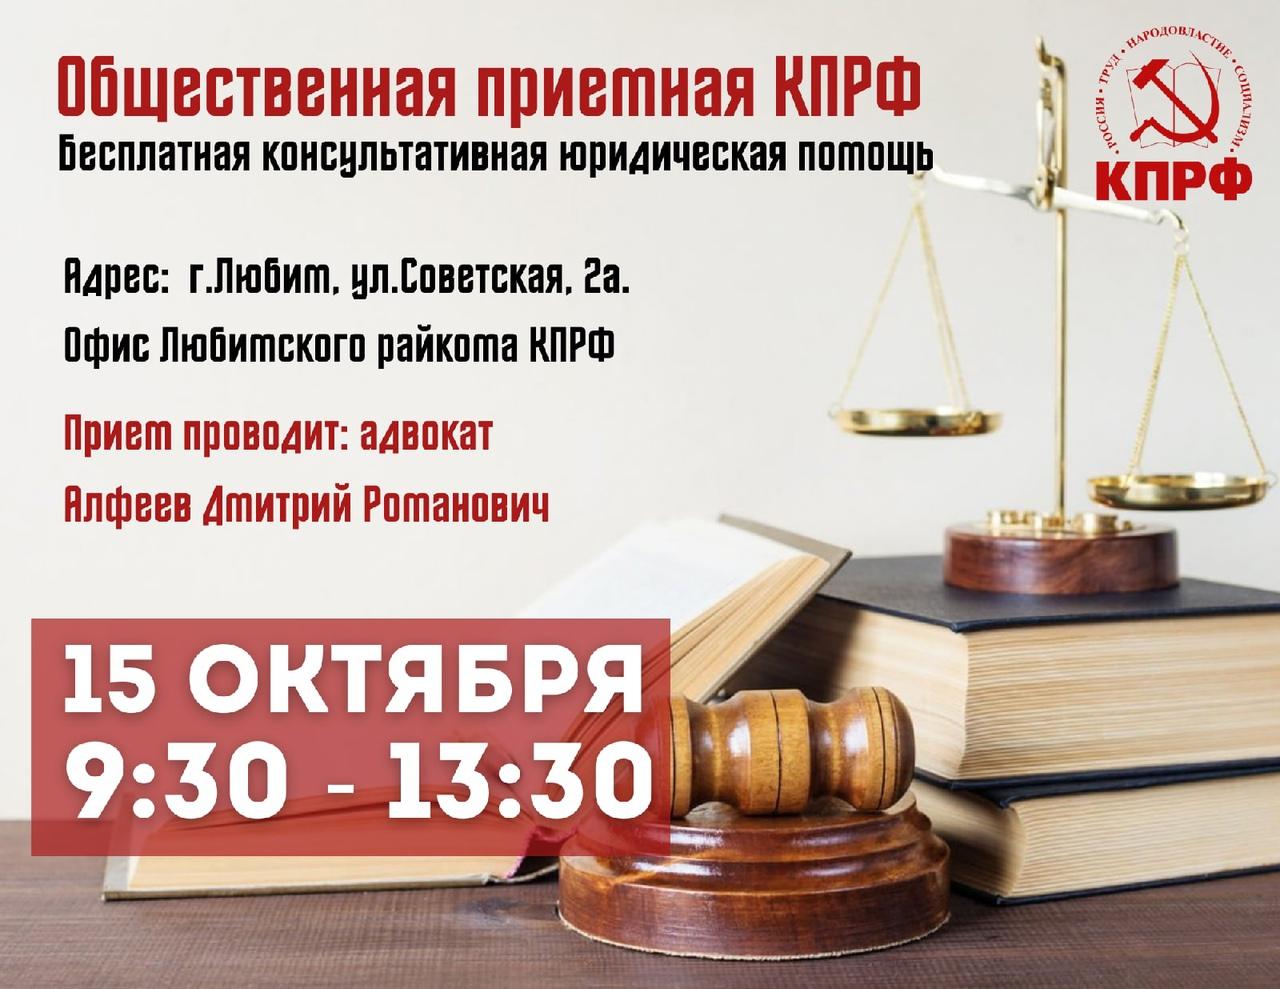 15 октября состоится прием граждан в г. Любиме